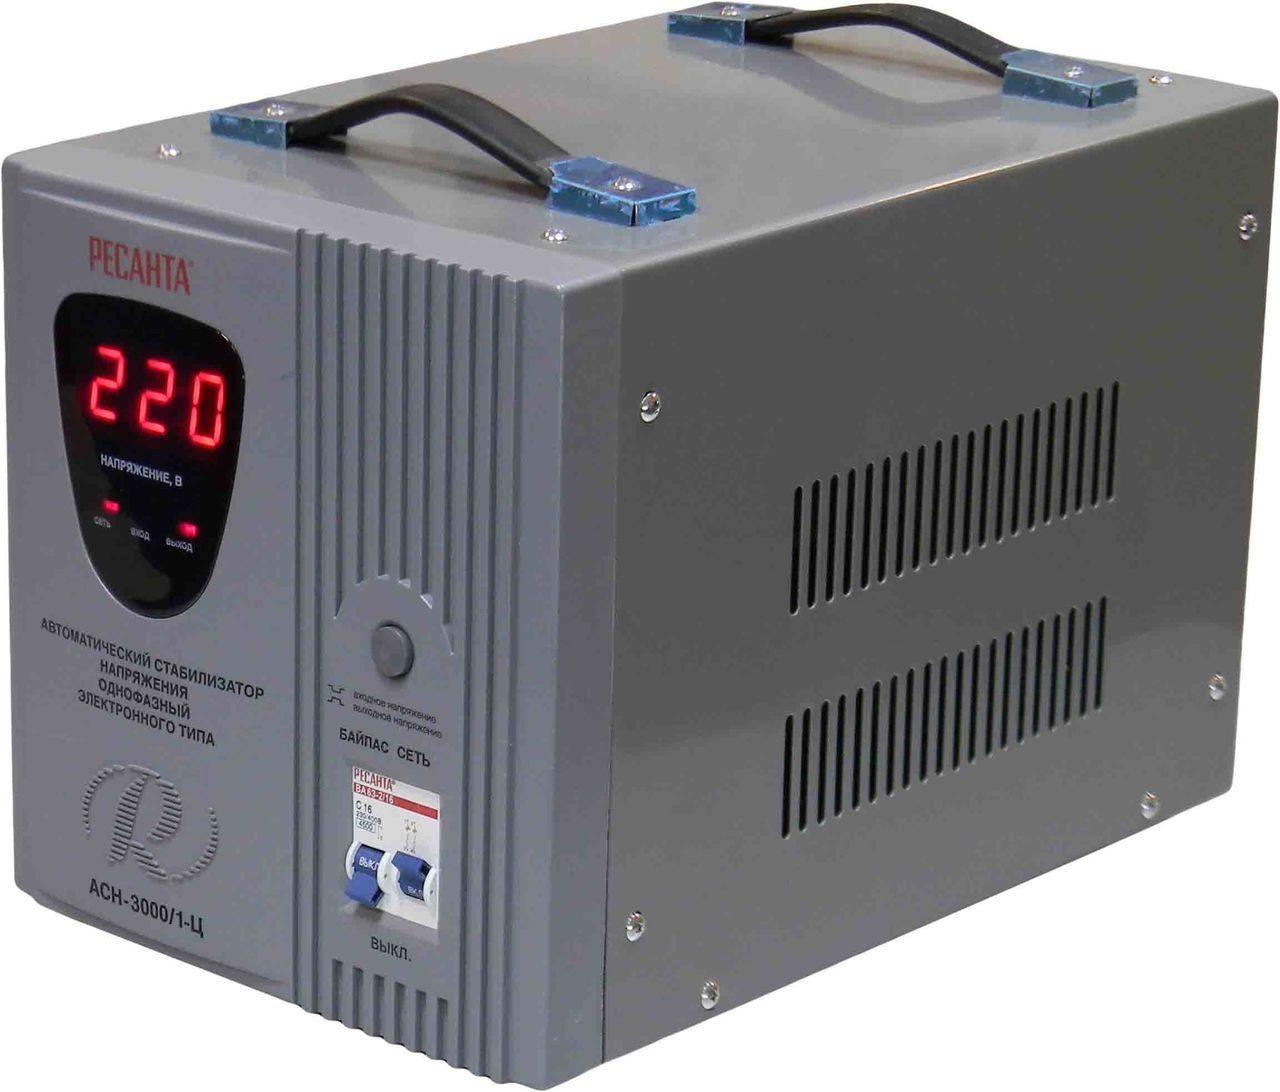 Какой стабилизатор лучше релейный или электромеханический